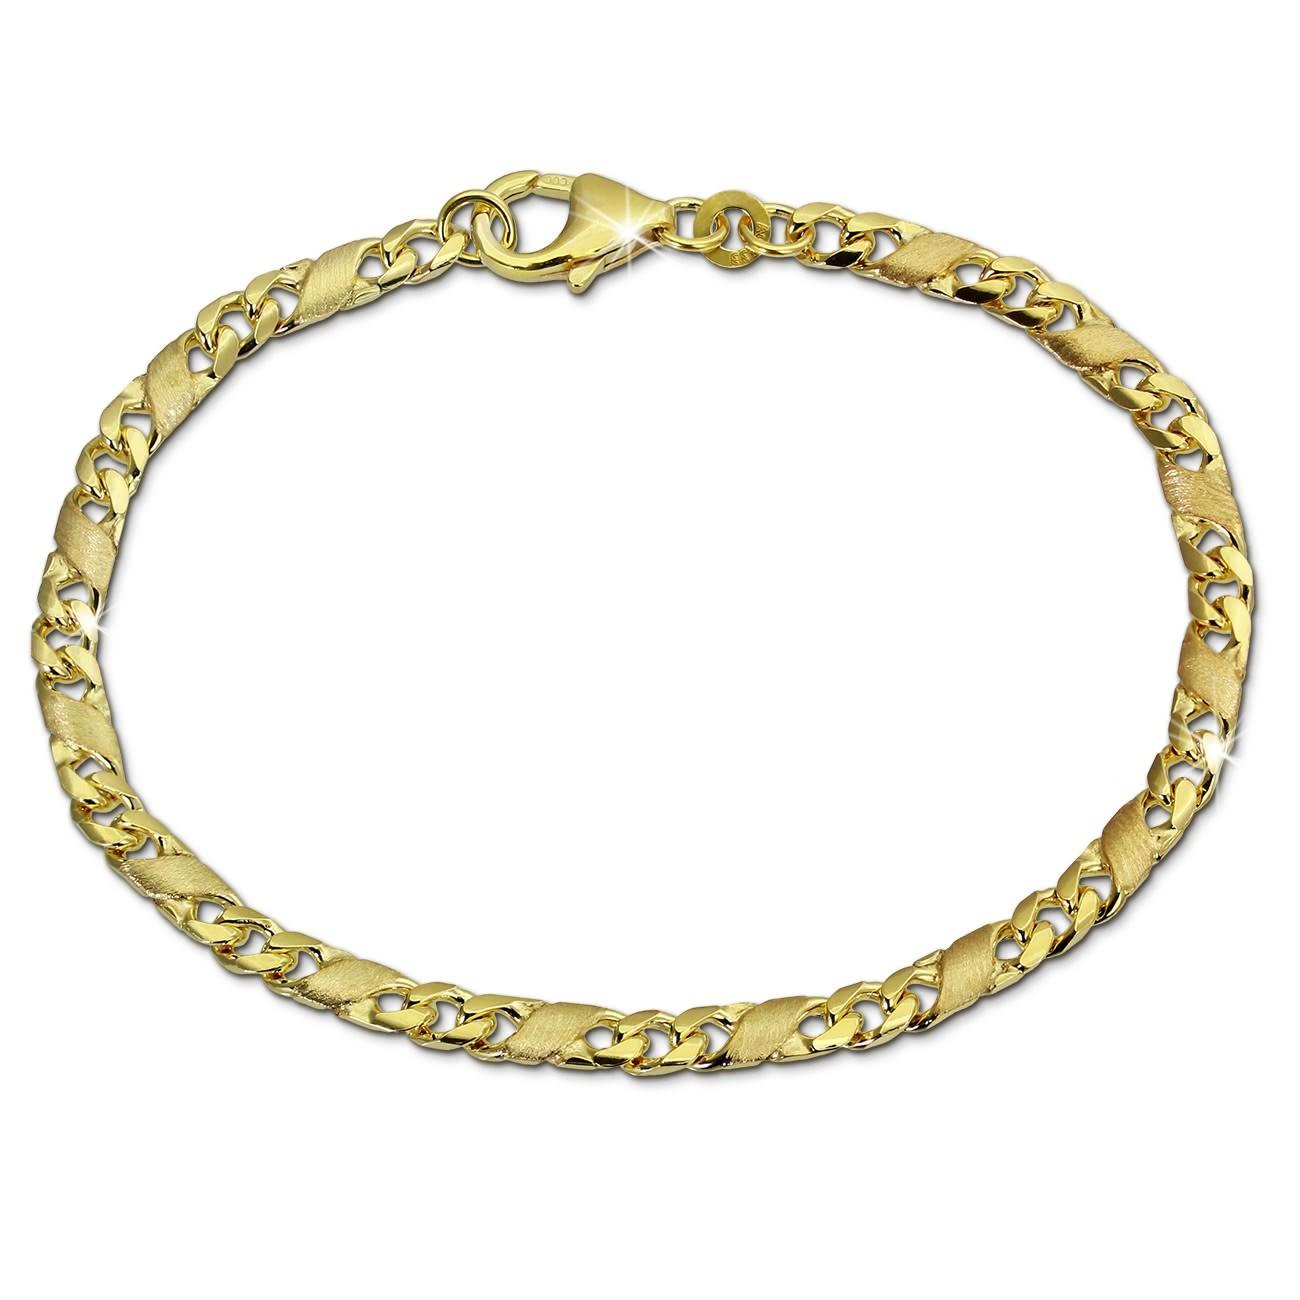 SilberDream Armband Dollar-Kette 333 Gelbgold Damen 19cm GDA0449Y